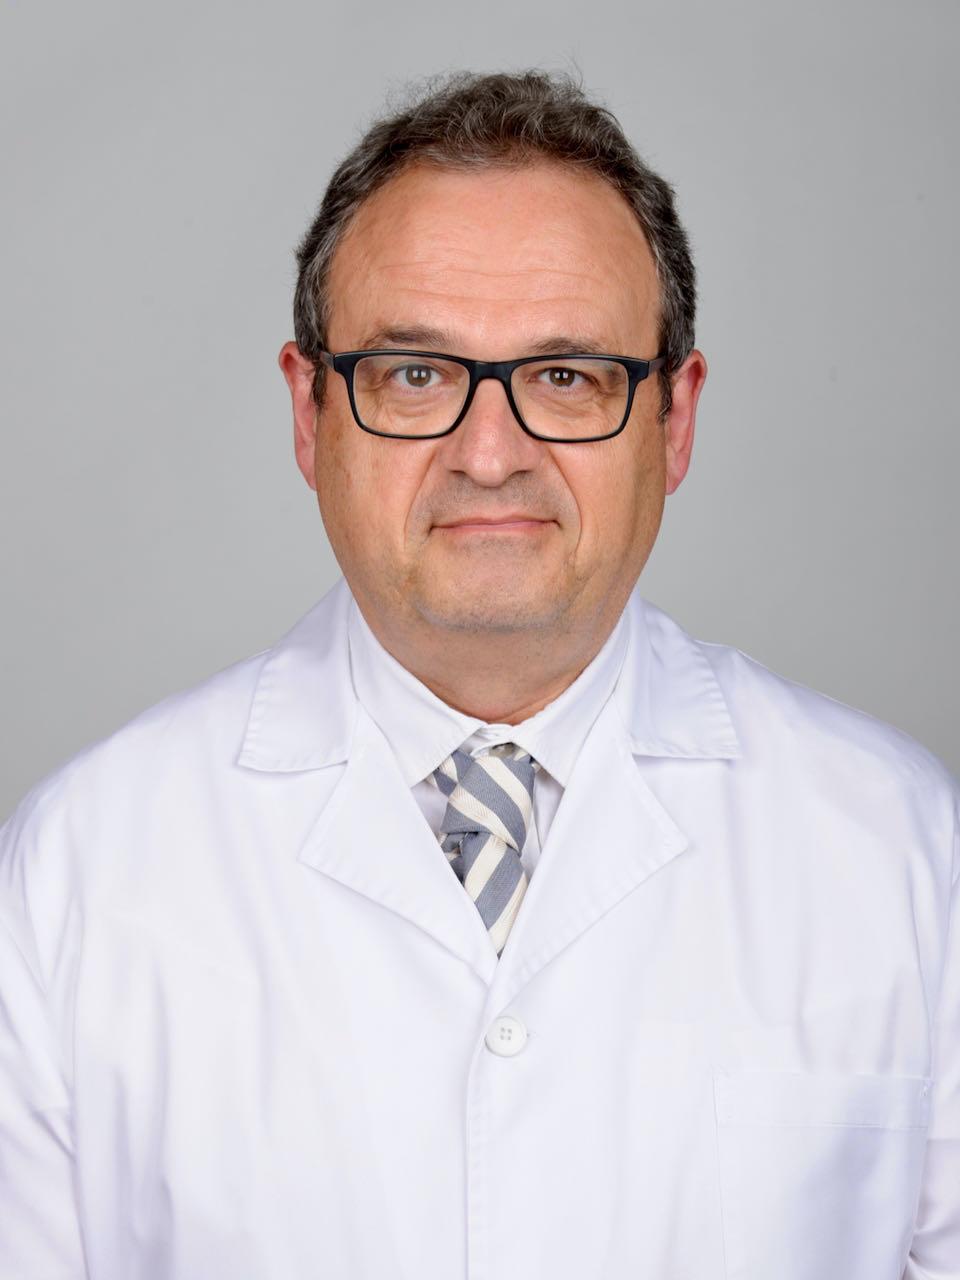 dr-joan-josep-berenguer-queralto